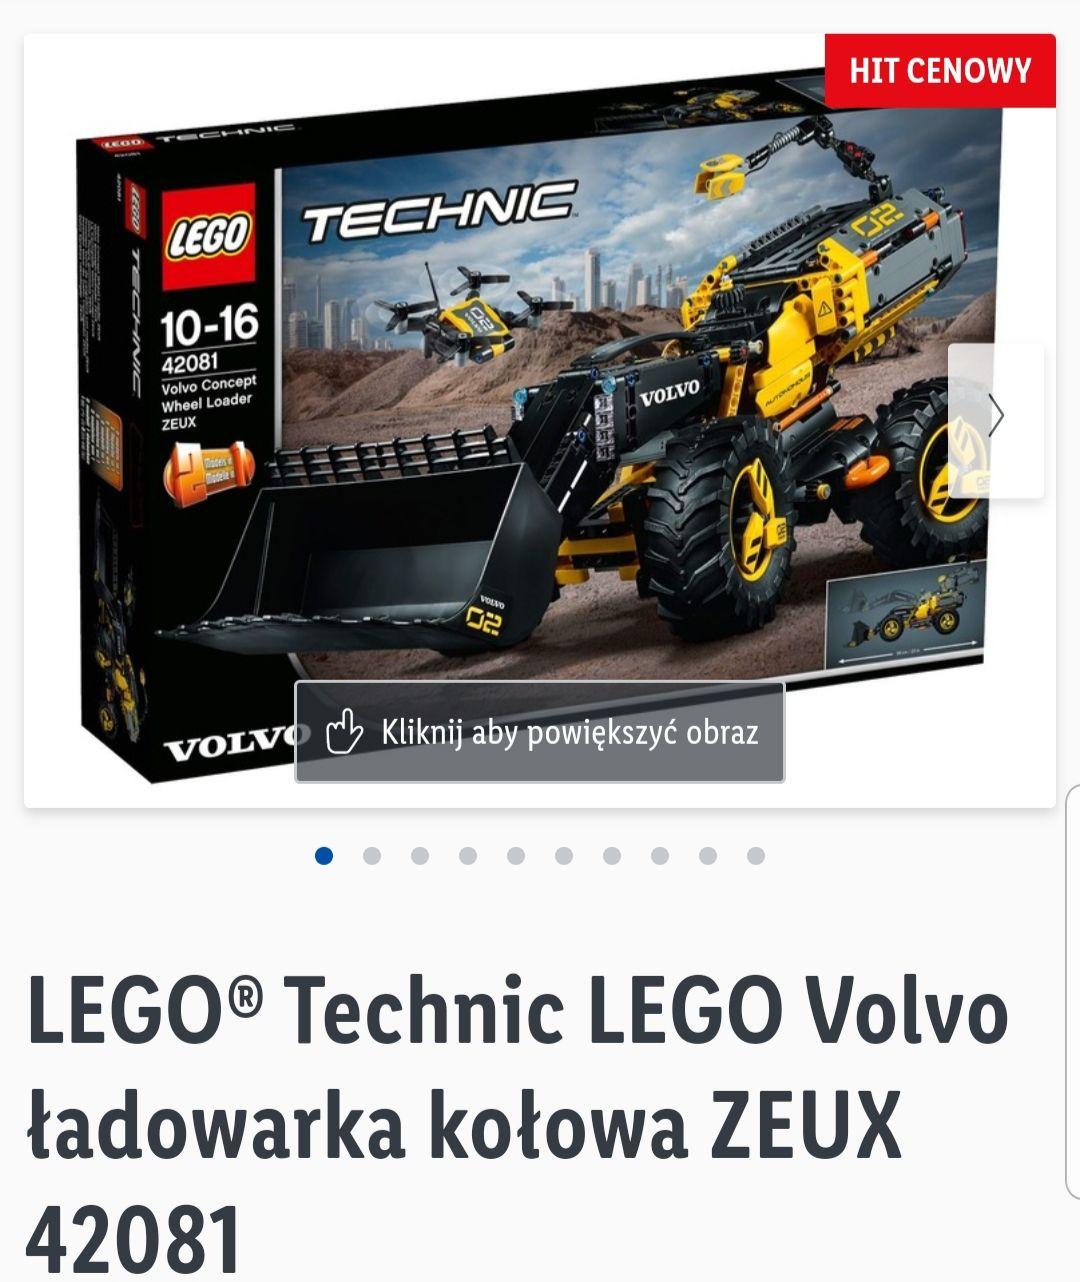 Lego Technic Volvo Ładowarka Kołowa Zeux 42081